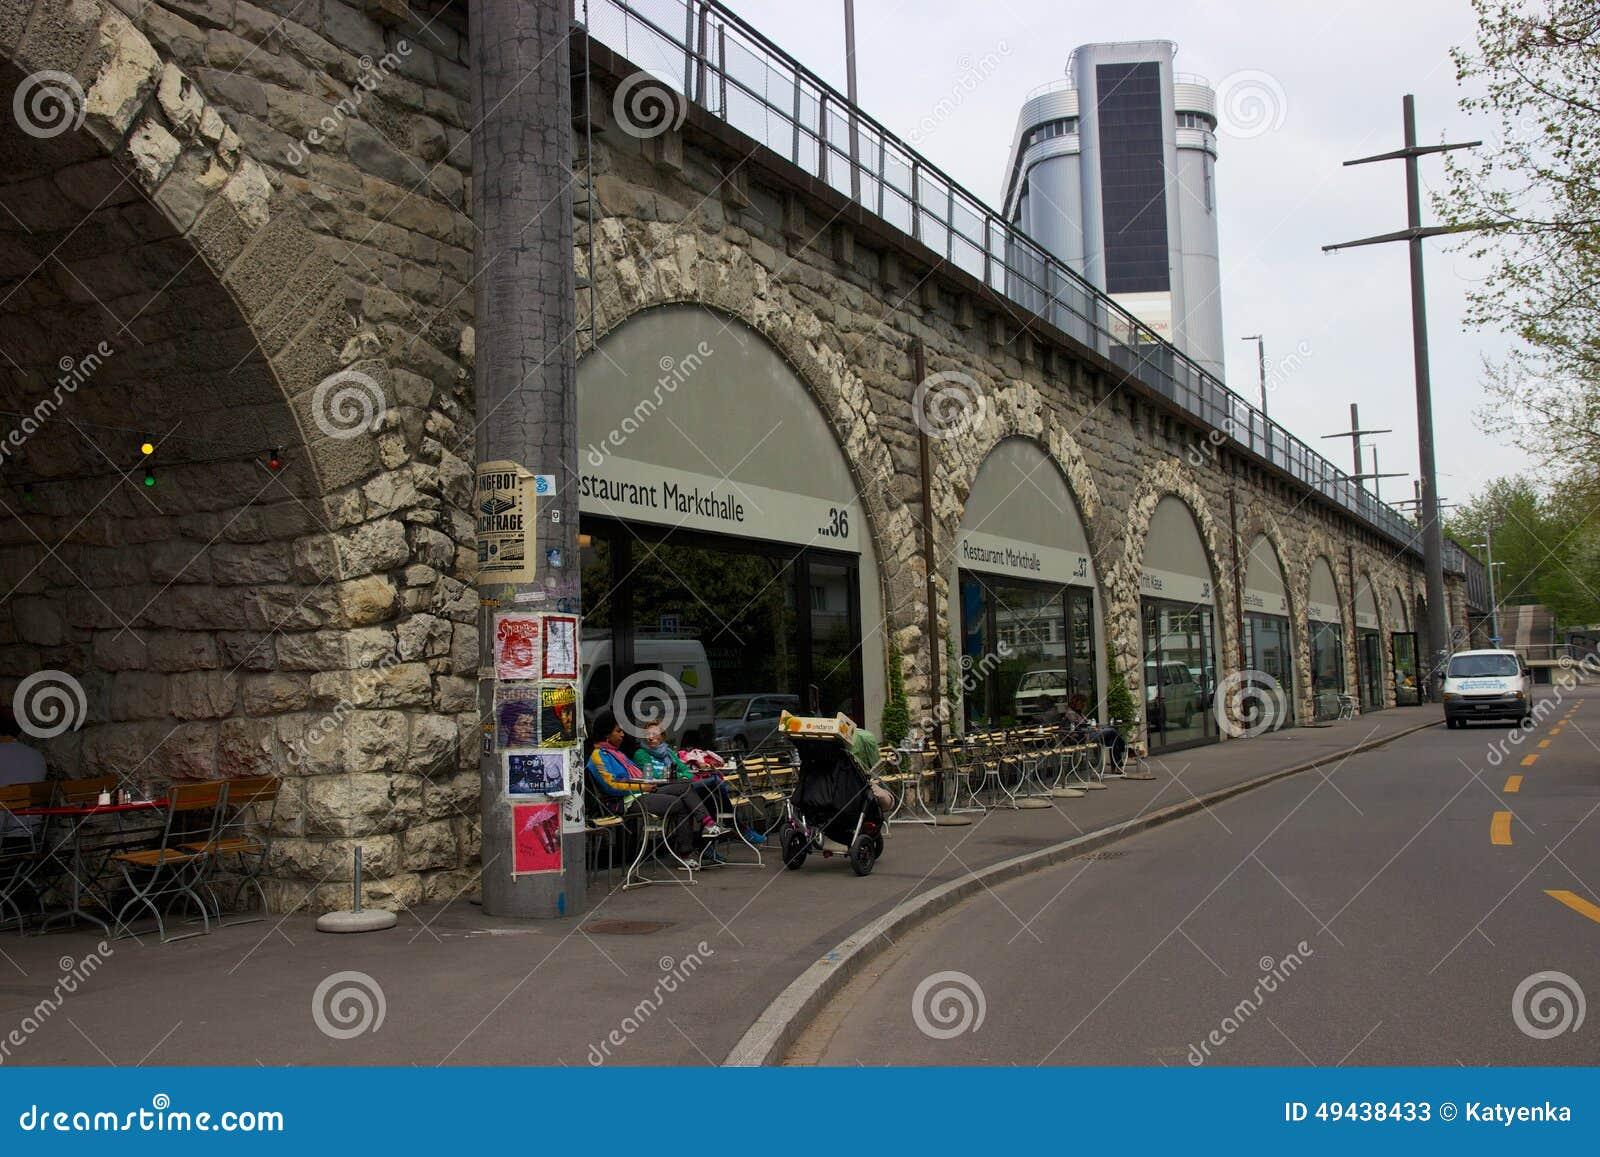 restaurant viadukt